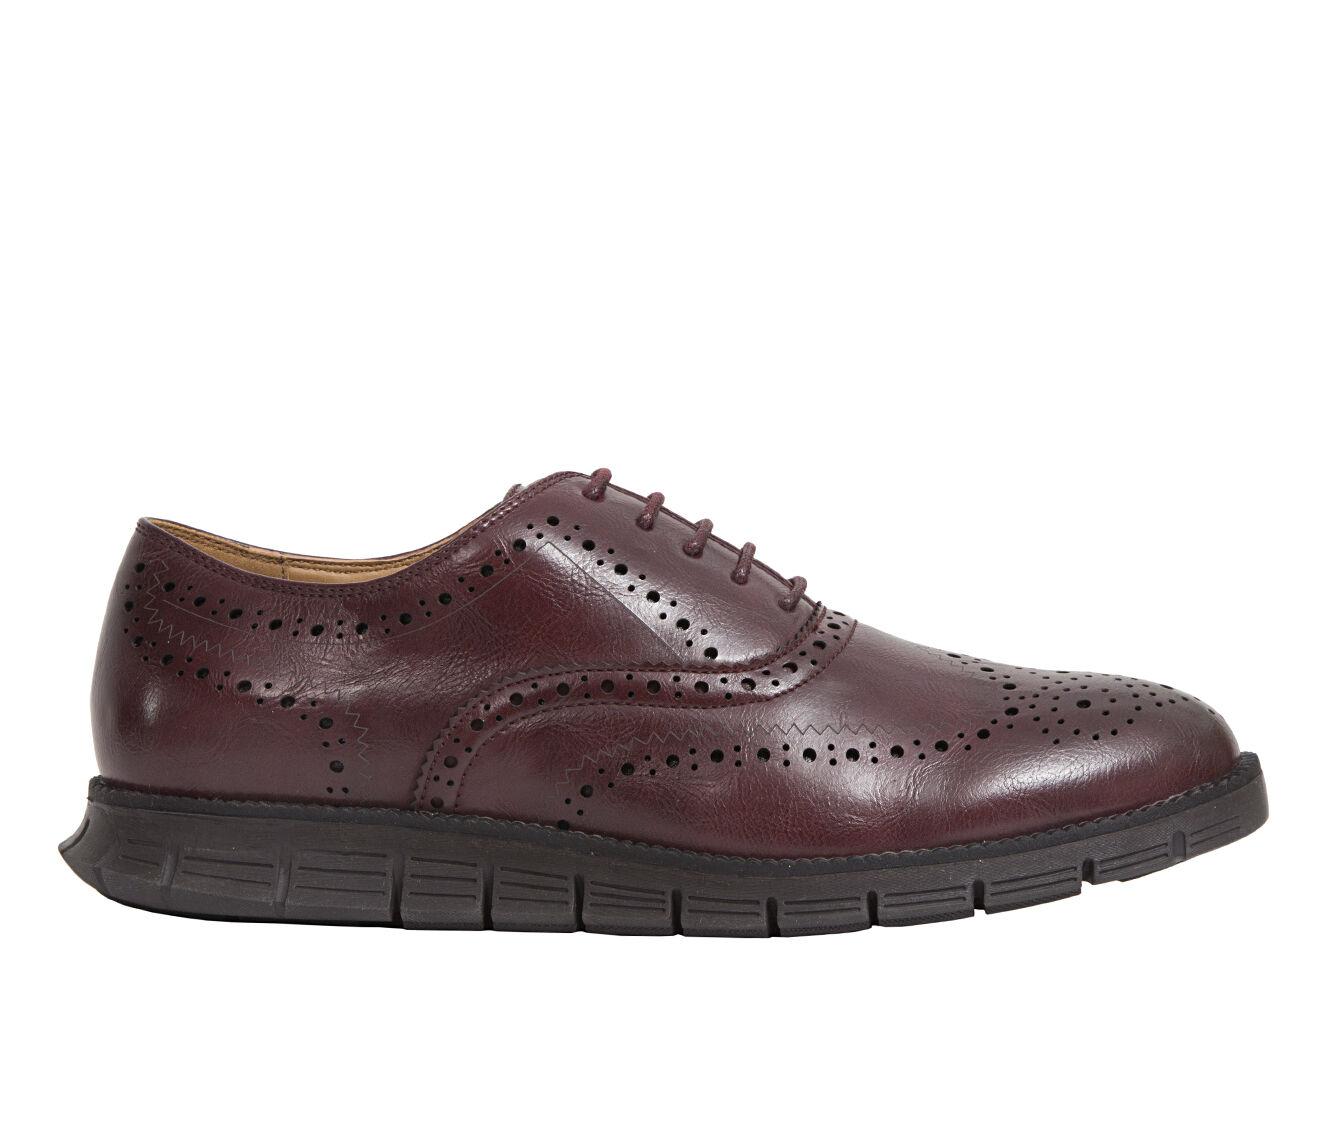 Men's Deer Stags Benton Dress Shoes Burgundy